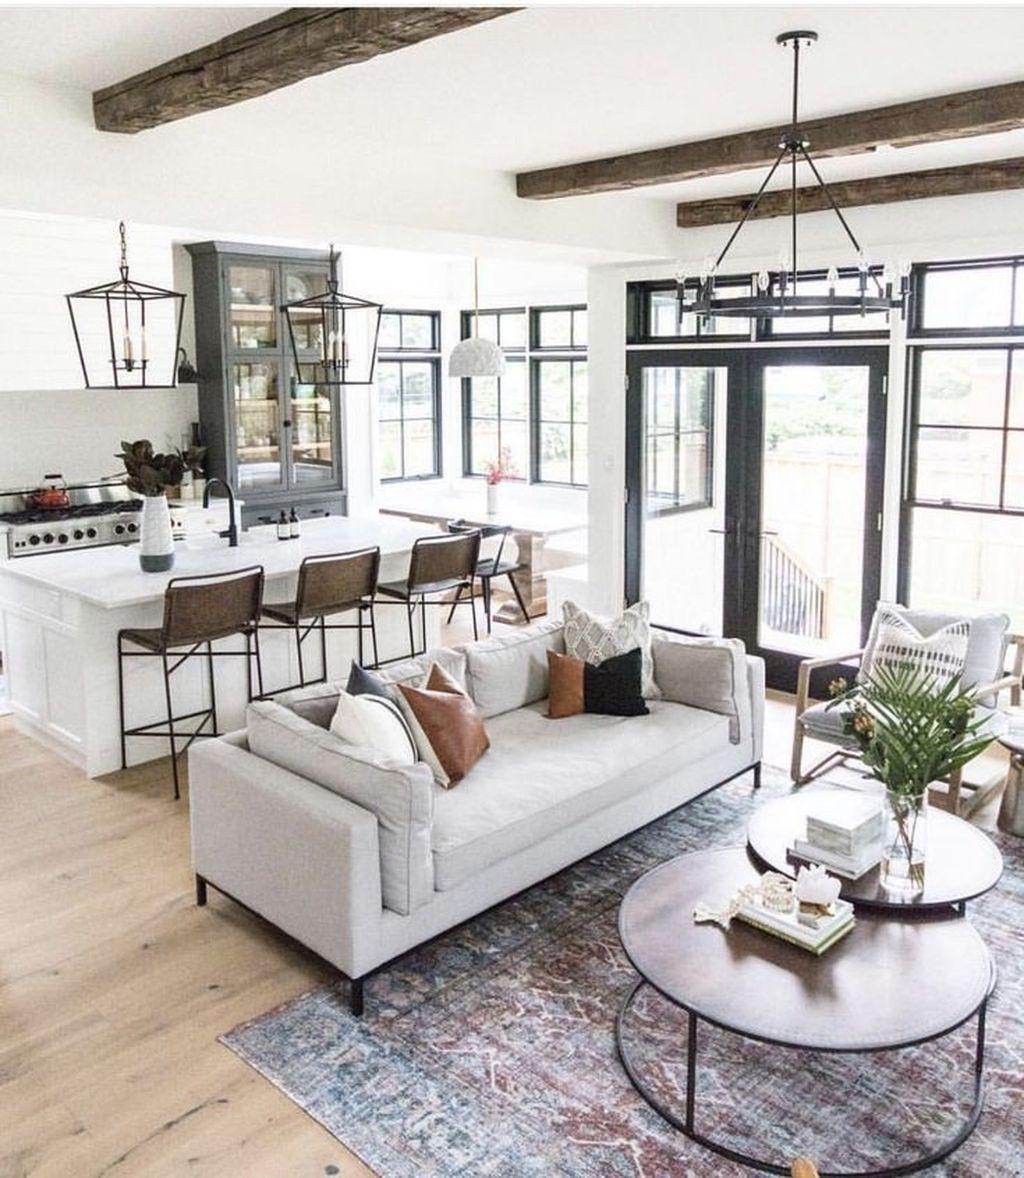 44 Inspiring Modern Open Living Room Design Ideas – Trendehouse